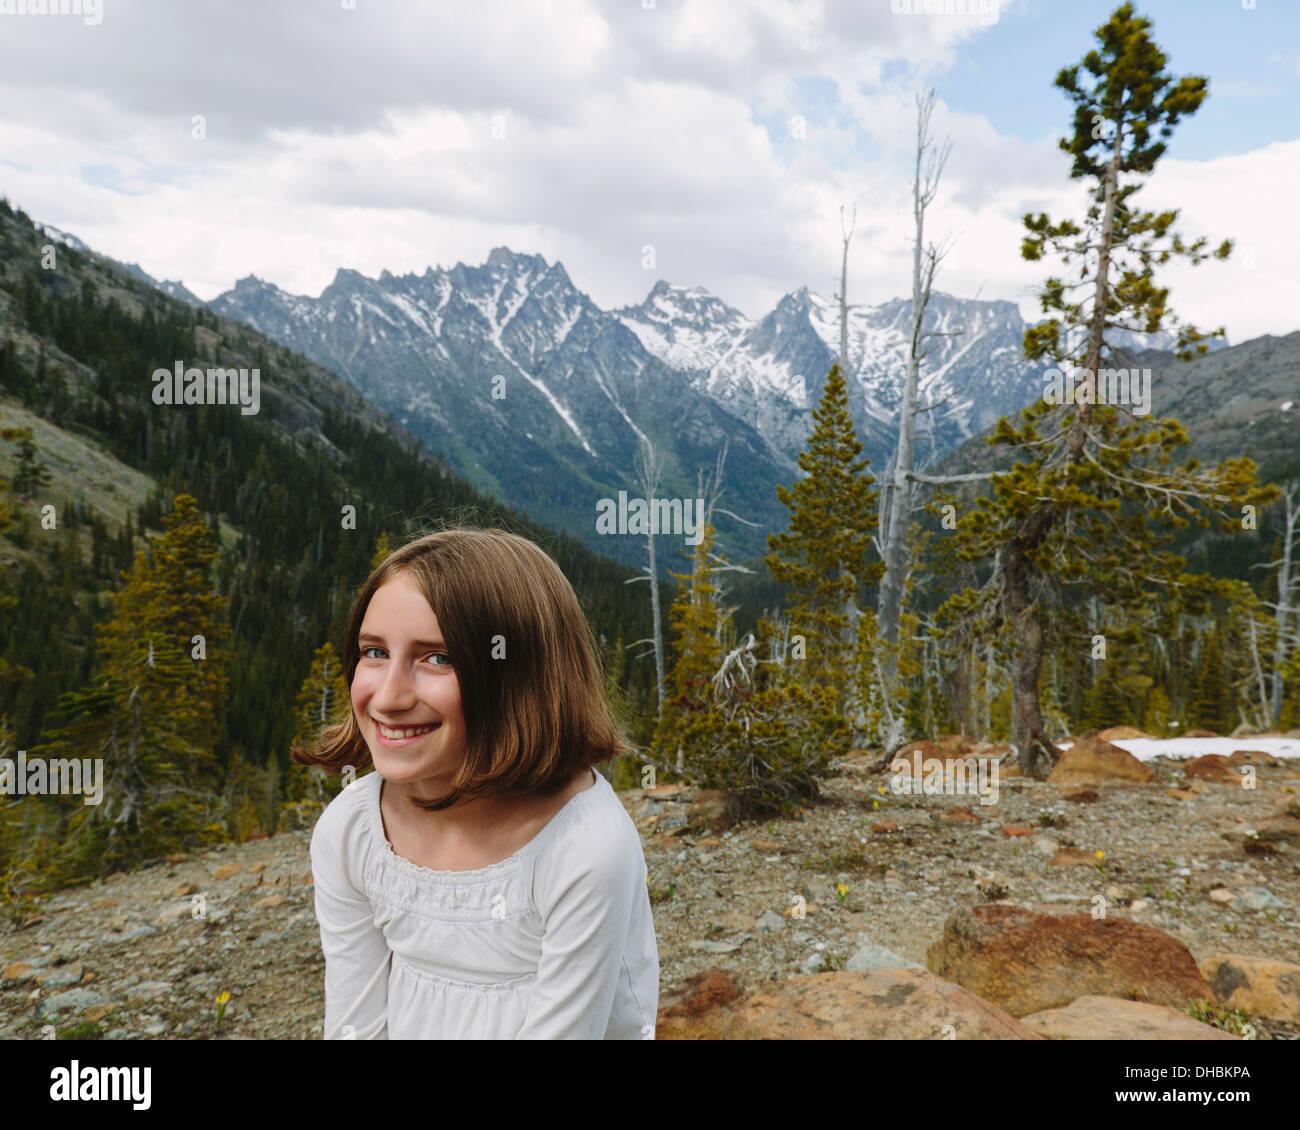 Ein junges Mädchen sitzt an einem Aussichtspunkt mit Blick über die Berge von Wenatchee National Forest. Stockbild